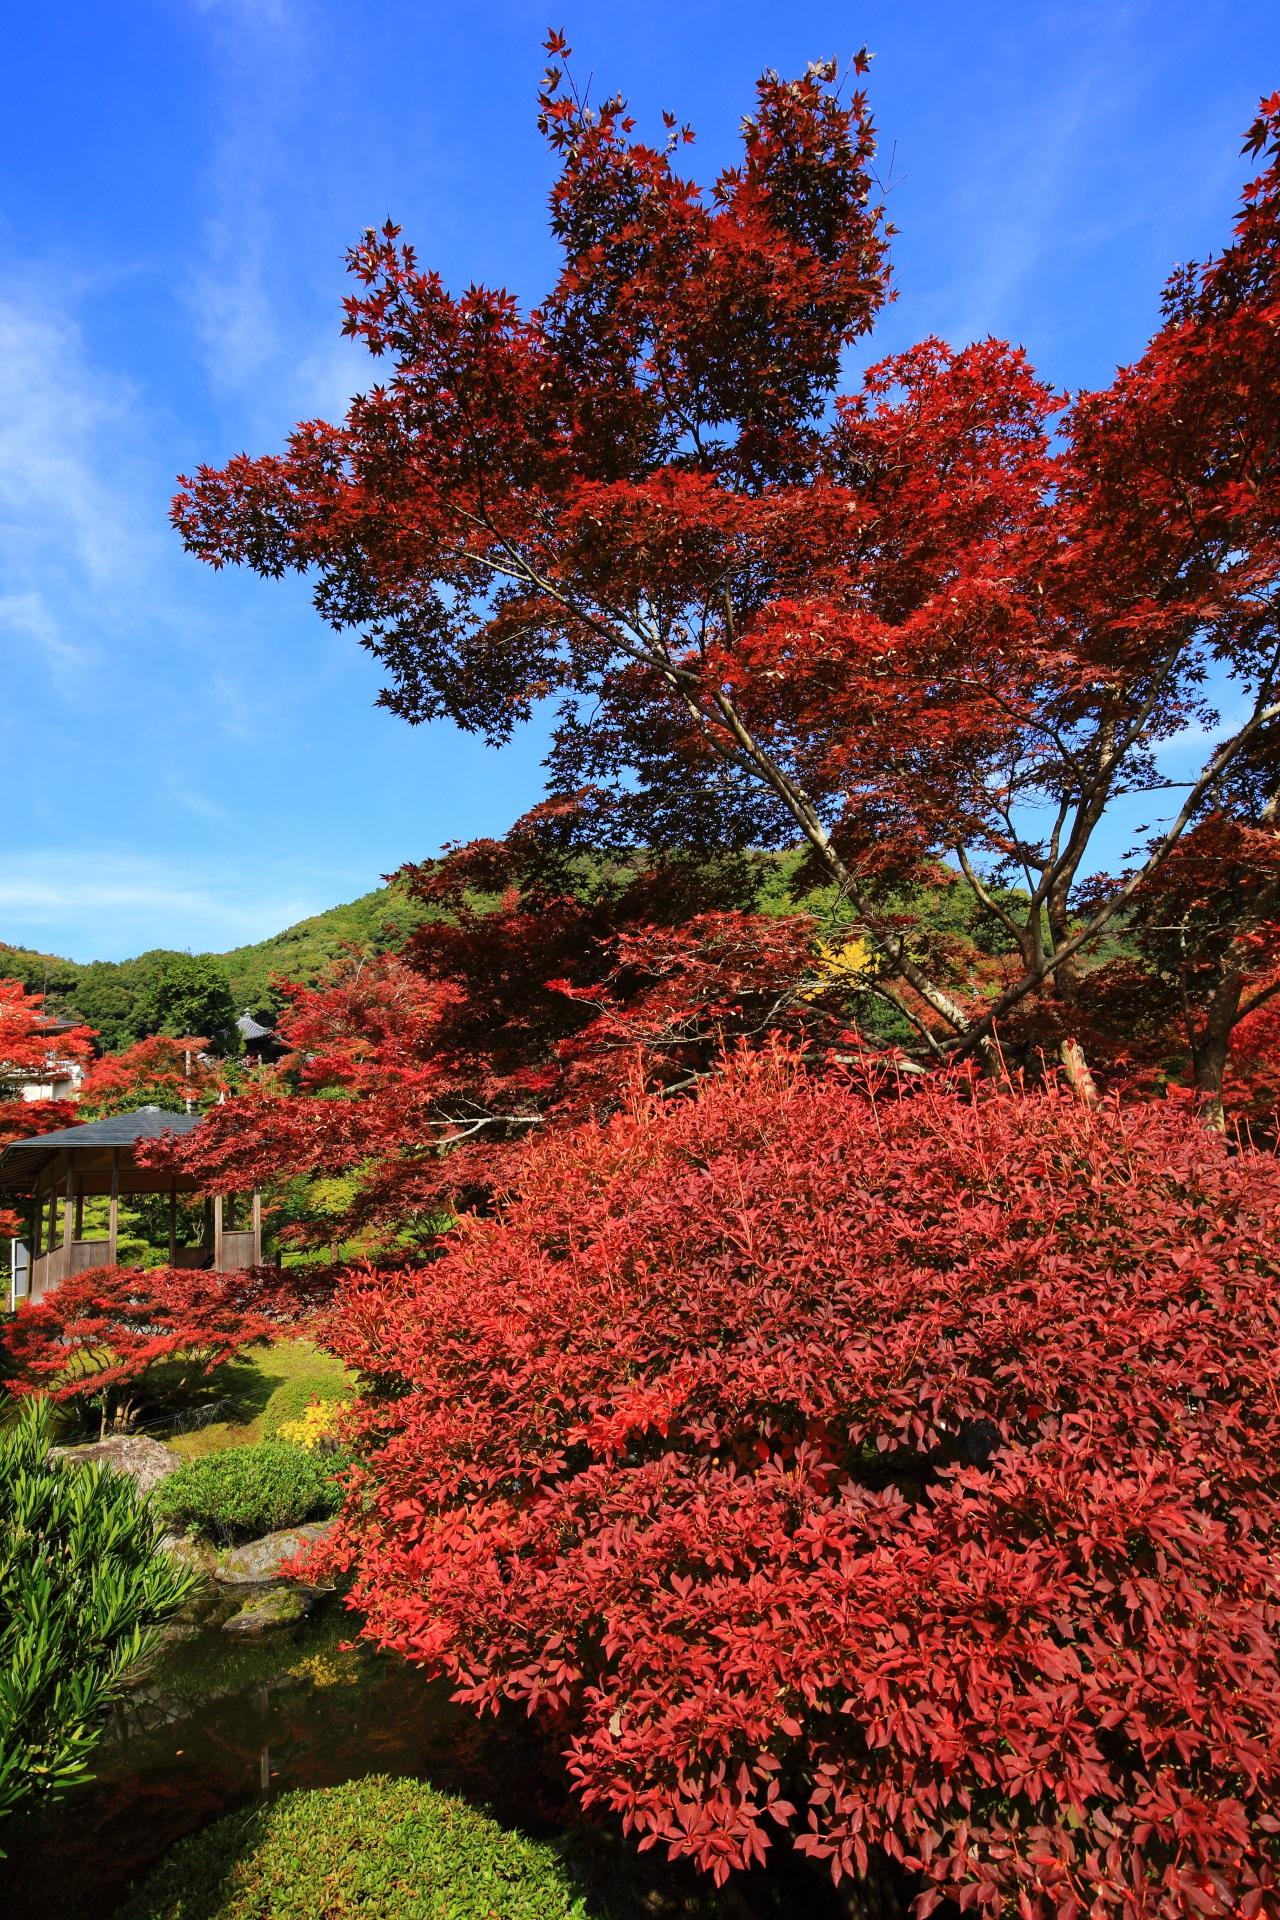 三室戸寺の与楽苑の紅葉